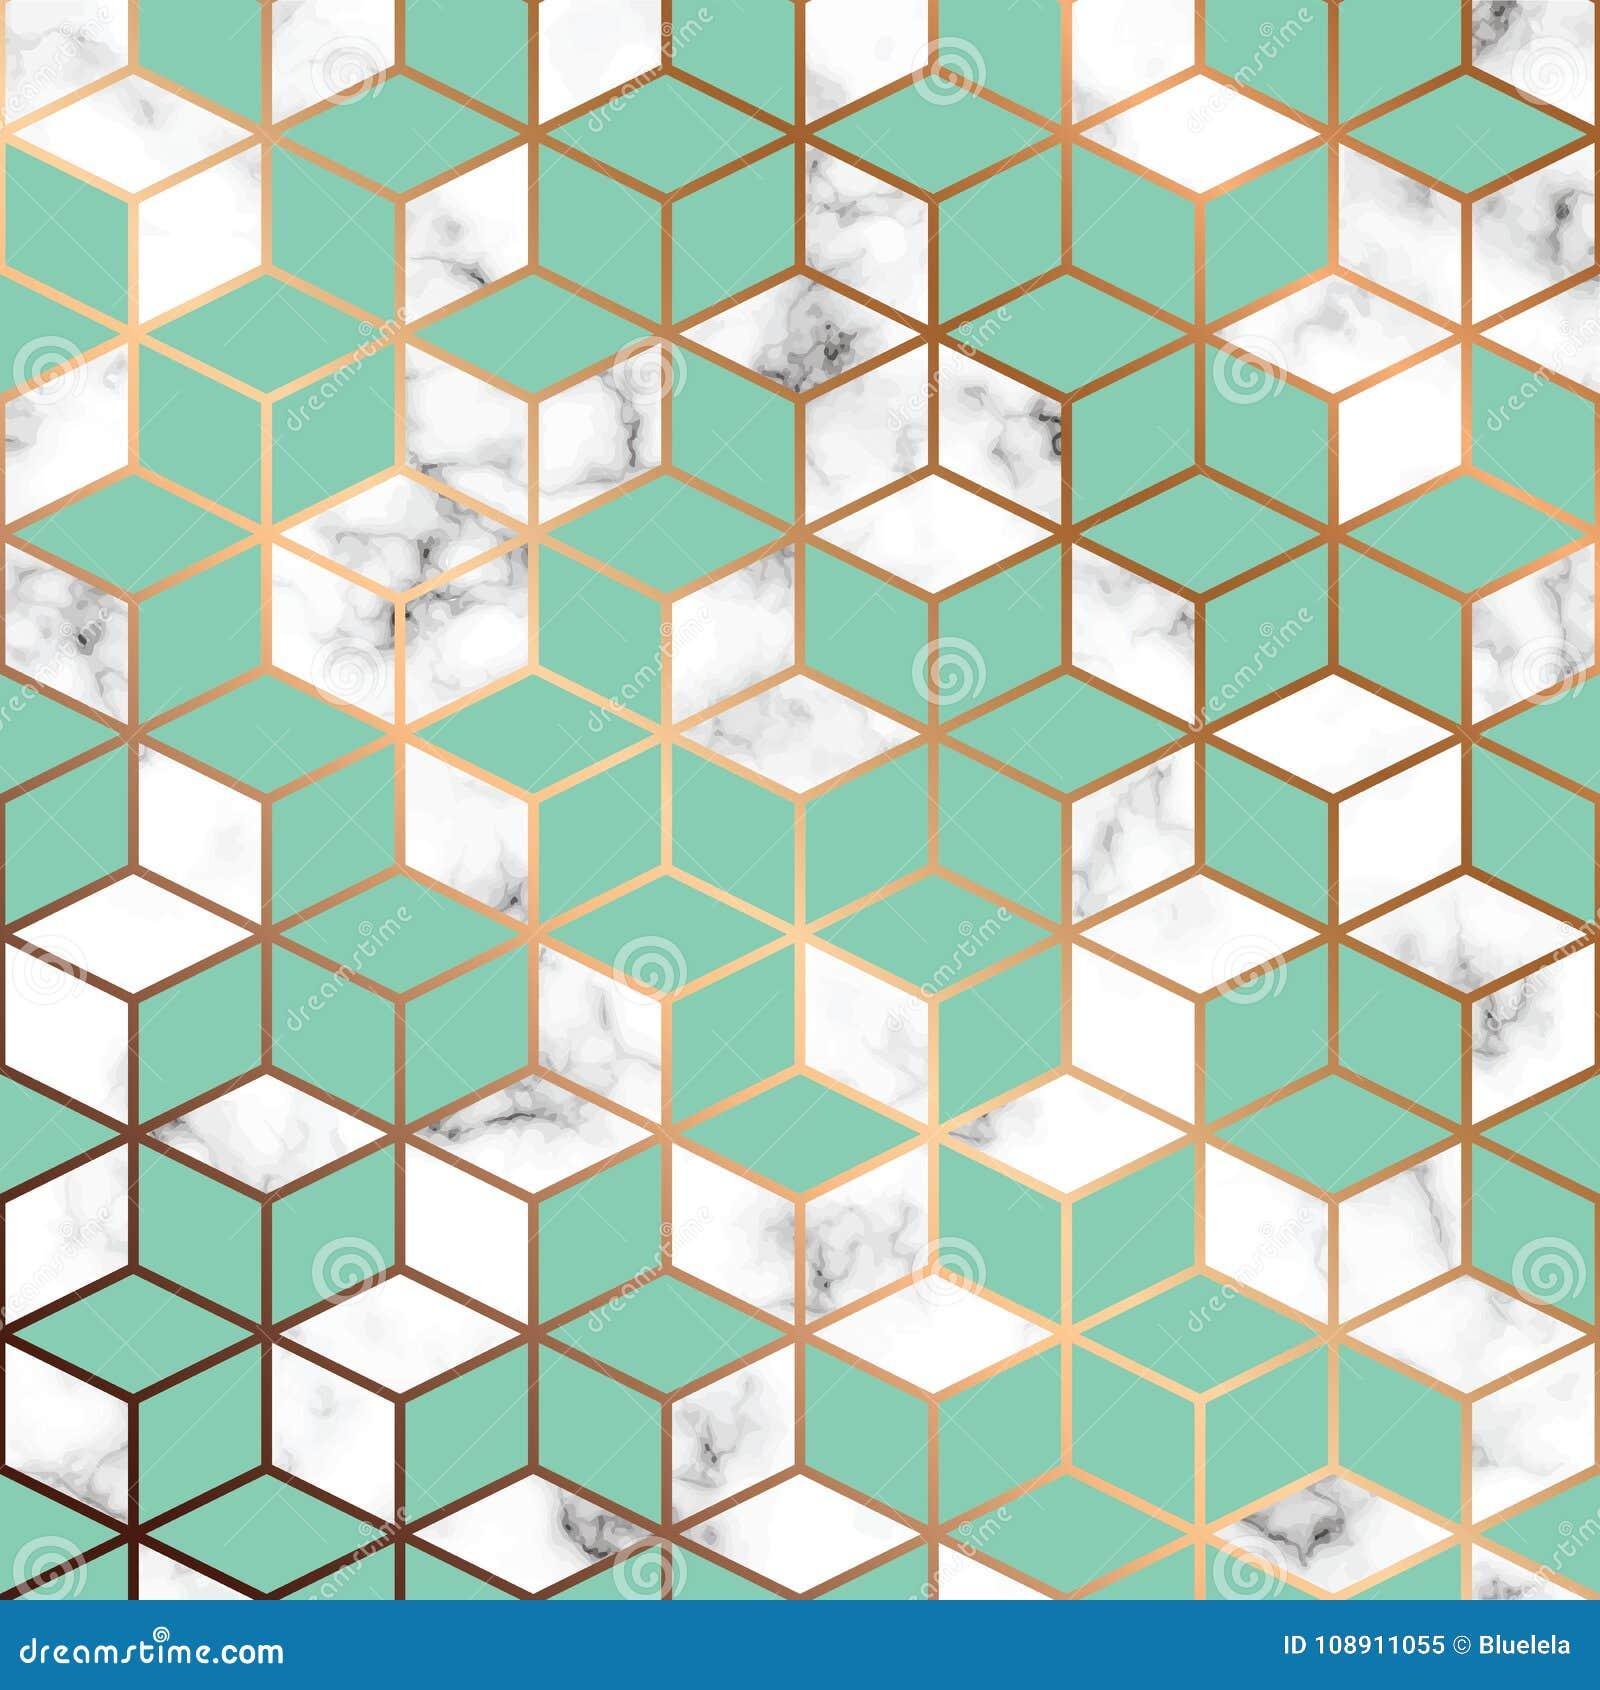 Vector мраморная текстура, безшовный дизайн картины с золотыми геометрическими линиями и кубы, черно-белая мраморизуя поверхность